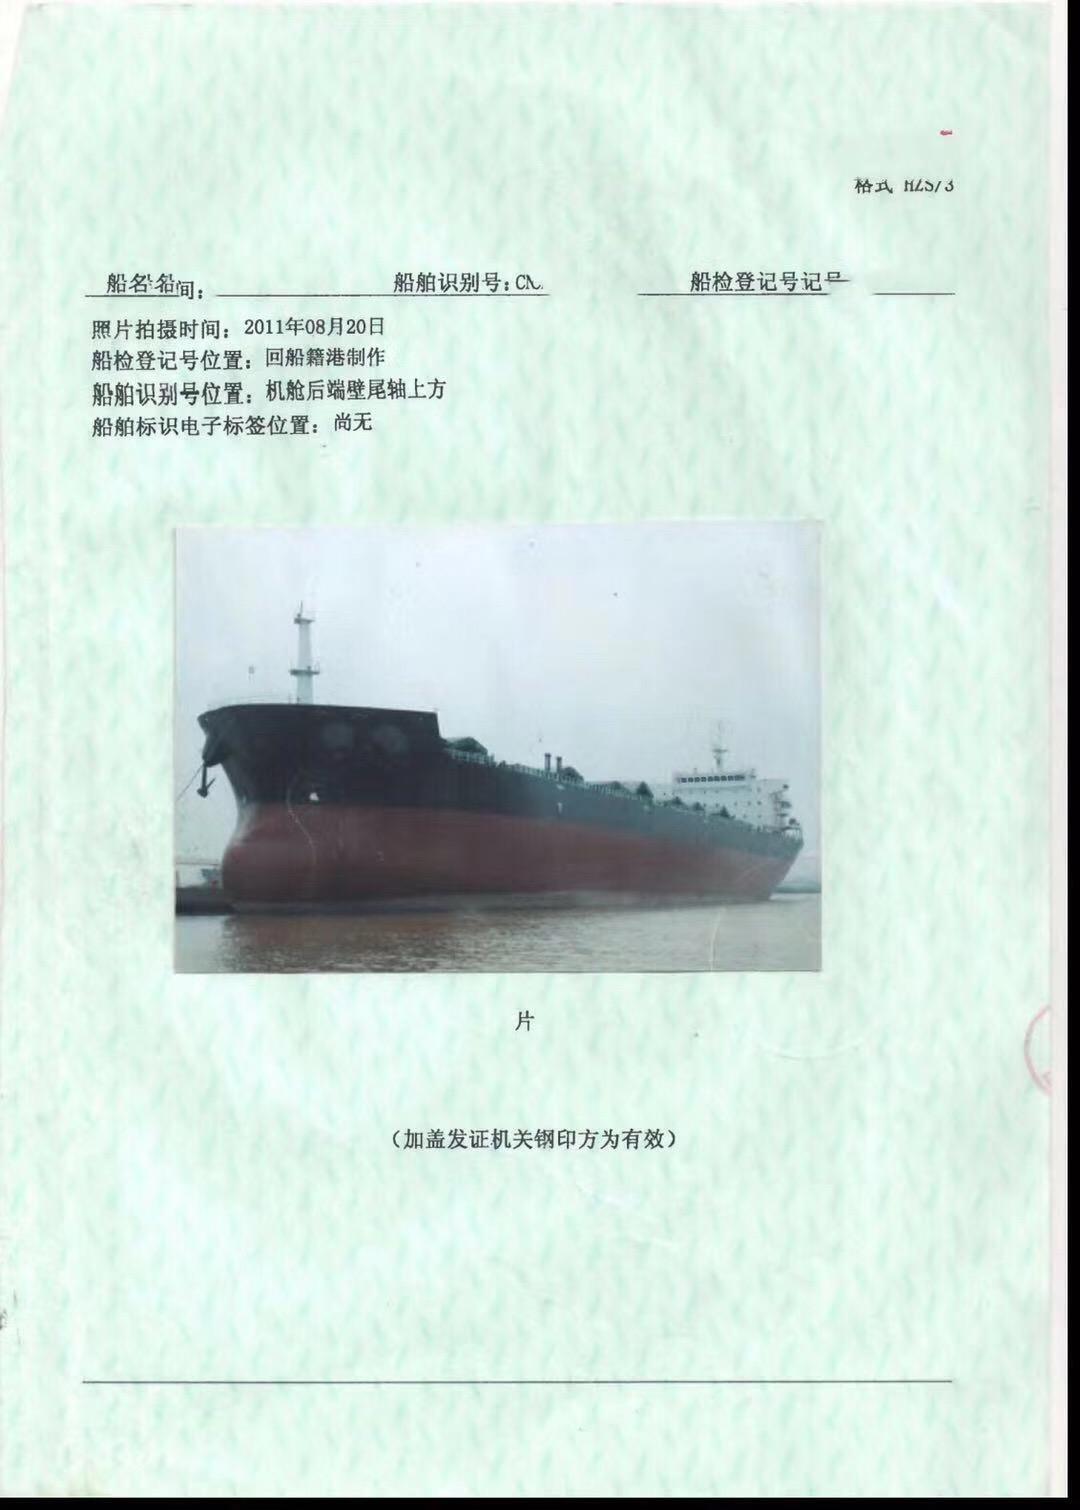 转让国内49000吨 散货轮 惊喜价